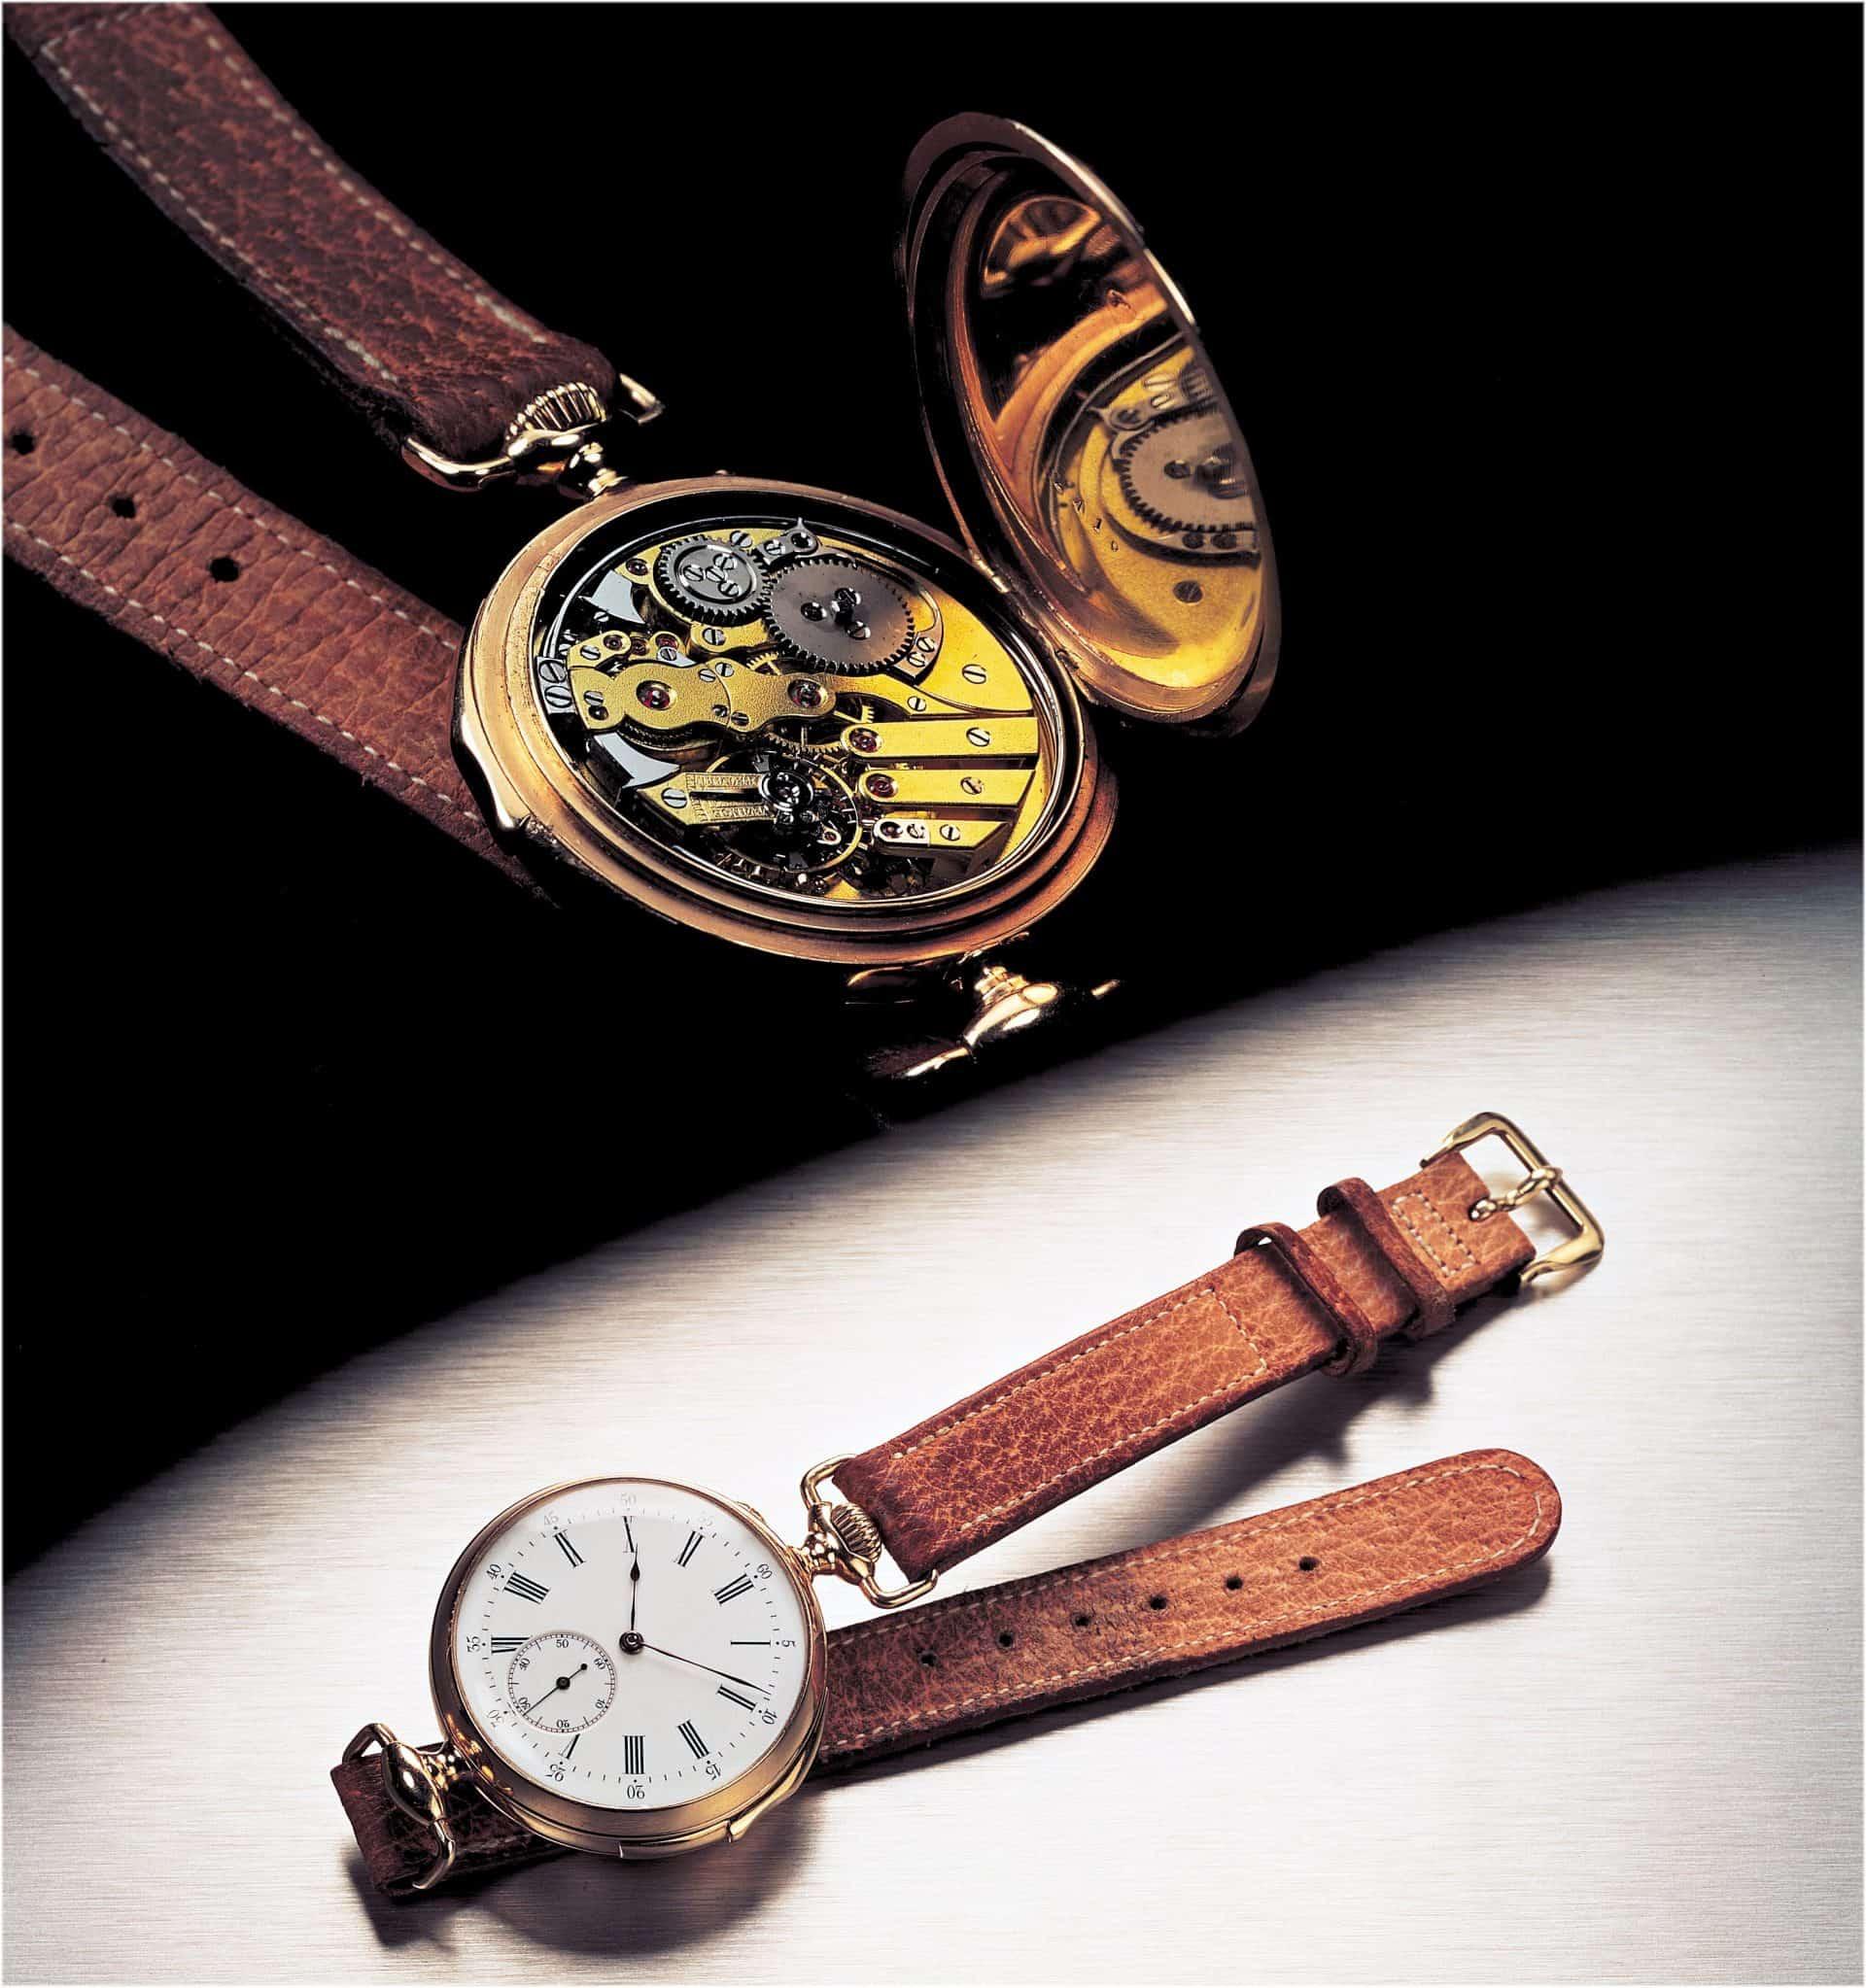 Die erste Armbanduhr mit Minutenrepetition fertigte Audemars Piguet im Jahr 1892 für Louis Brandt, Gründer von Omega